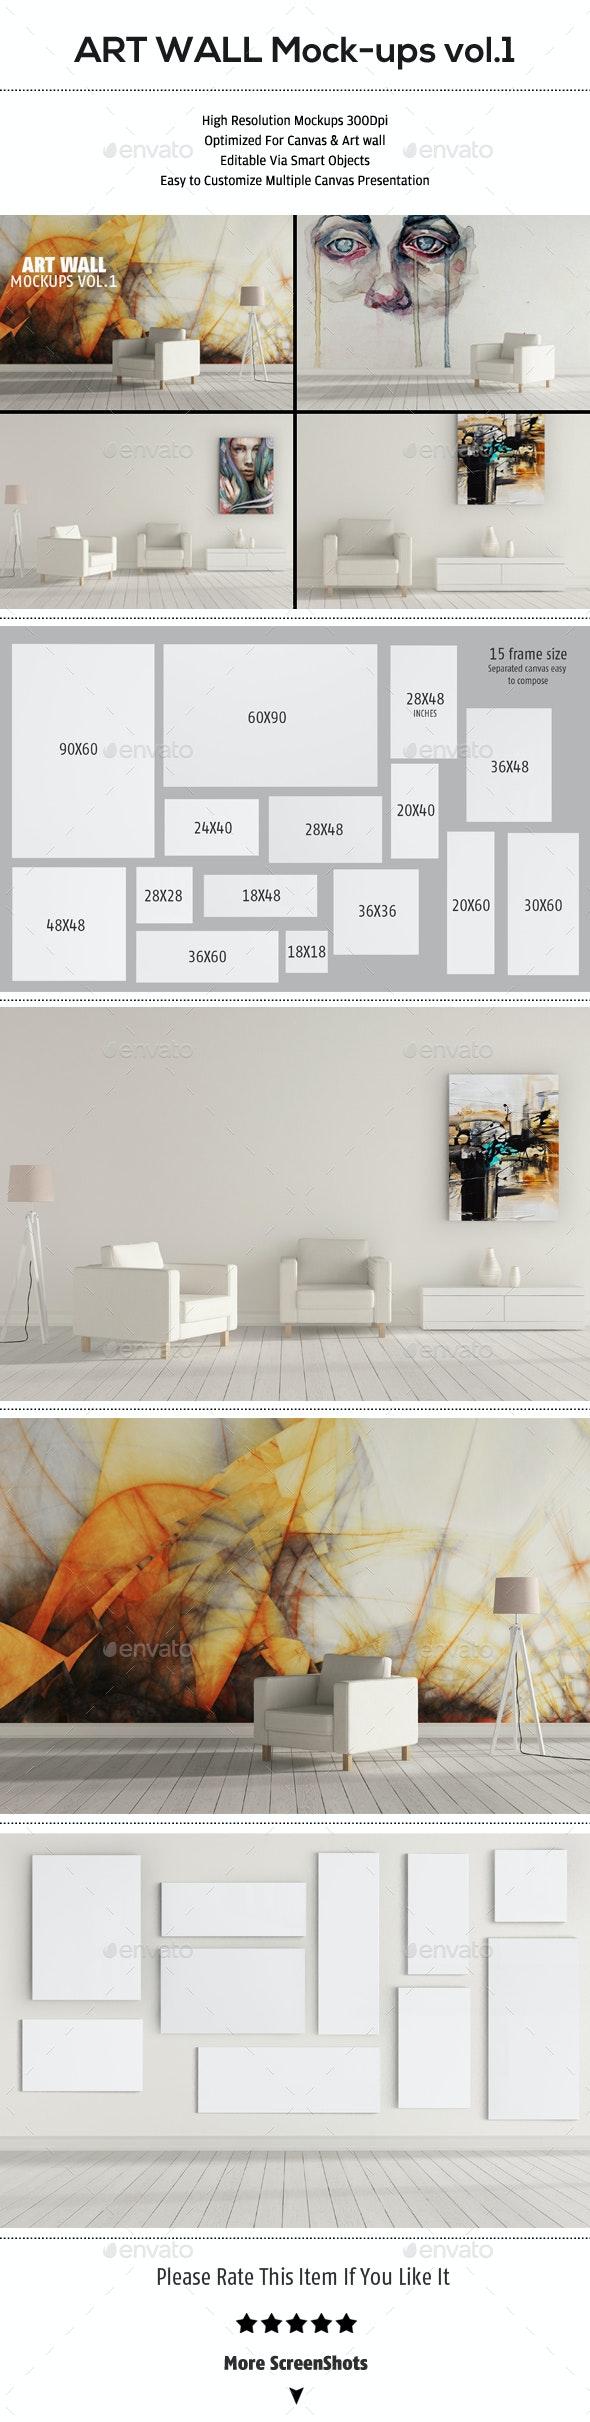 Art Wall Mockups Vol.1 - Product Mock-Ups Graphics